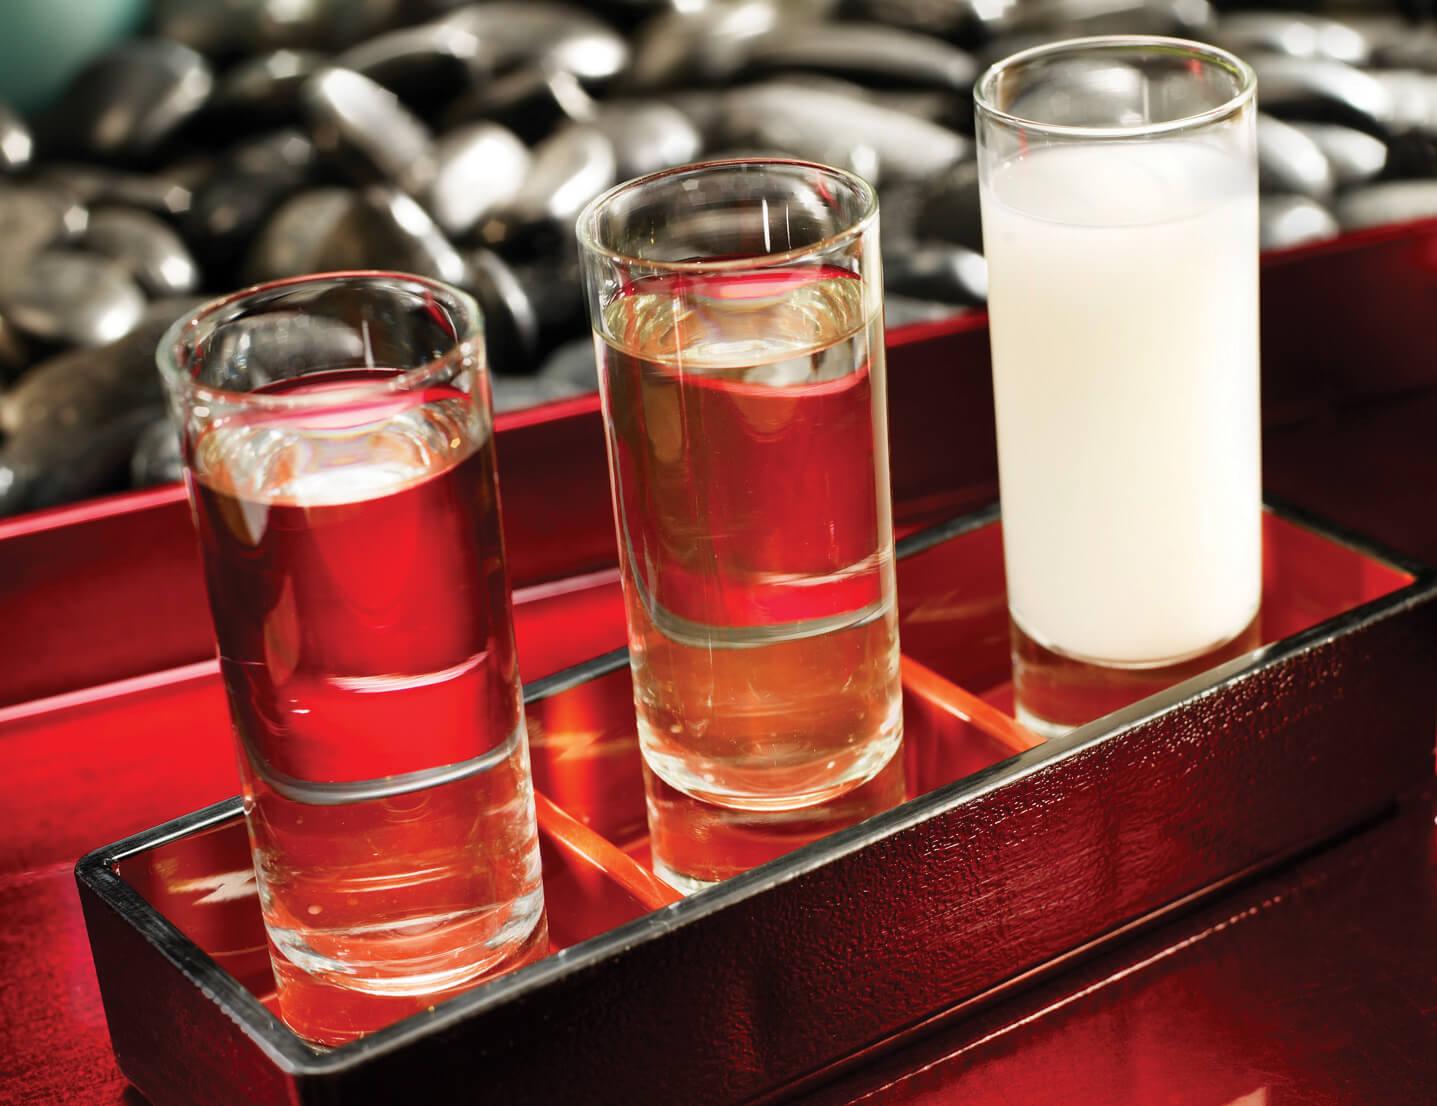 Sake Menu Hot Sake Cold Sake Japanese Spirits Benihana : sakeflight from benihana.com size 1437 x 1106 jpeg 170kB